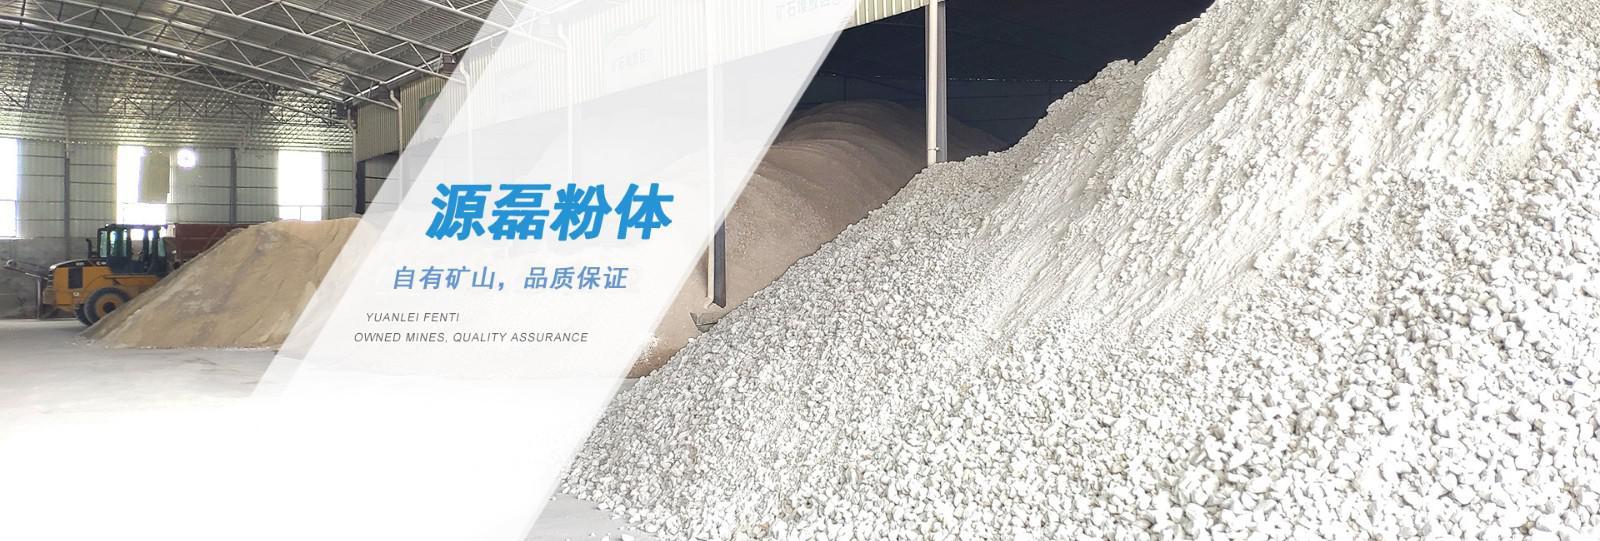 福建爽身粉滑石粉优质商品价格